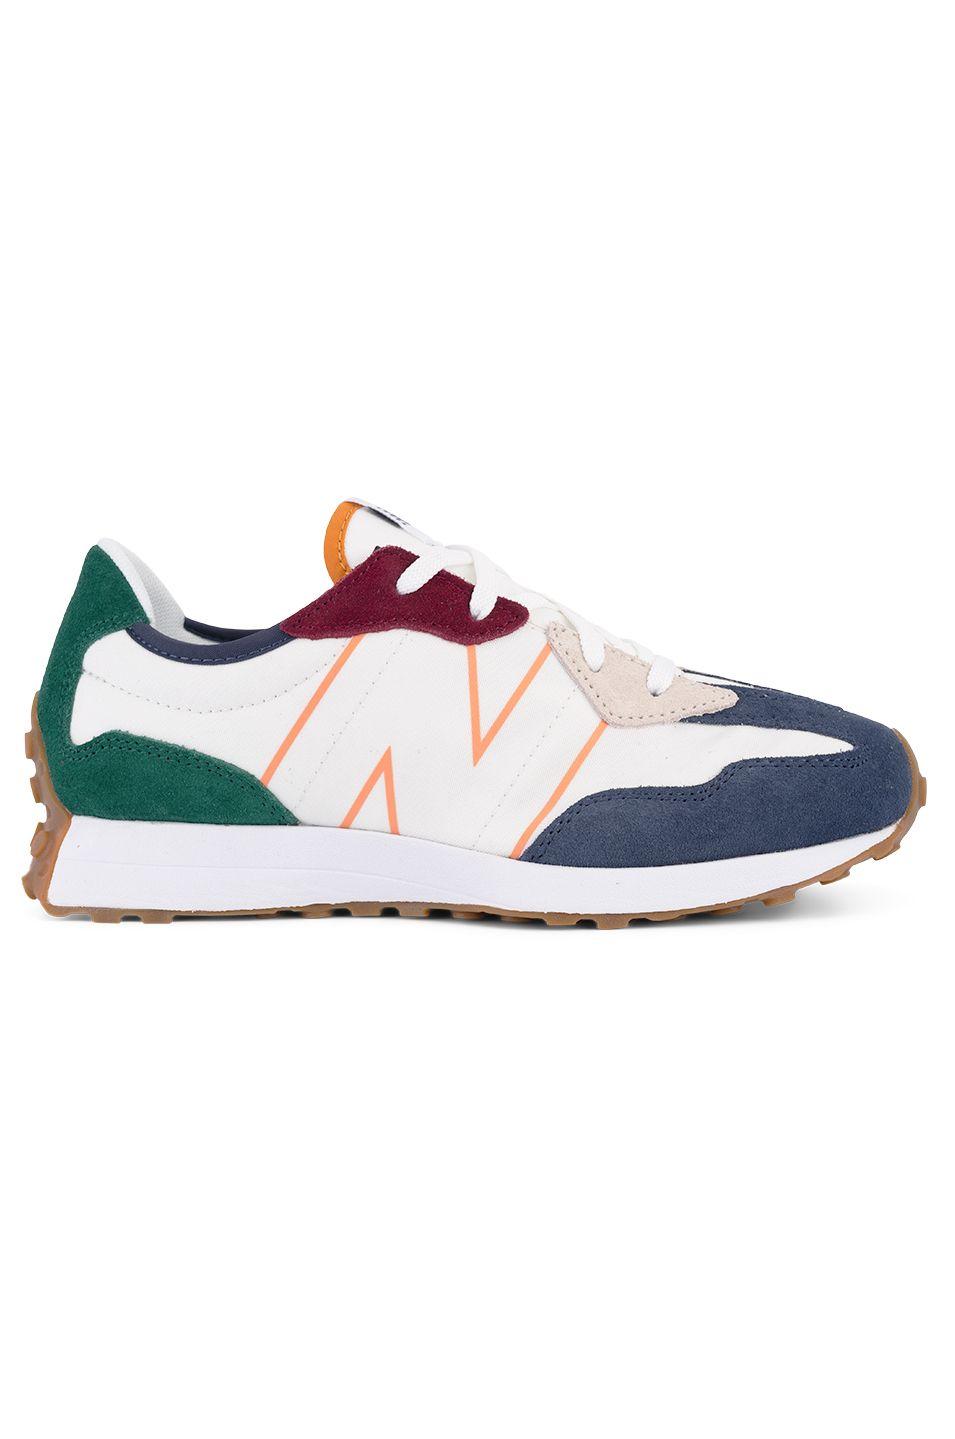 Tenis New Balance GS327HH1 Natural Indigo